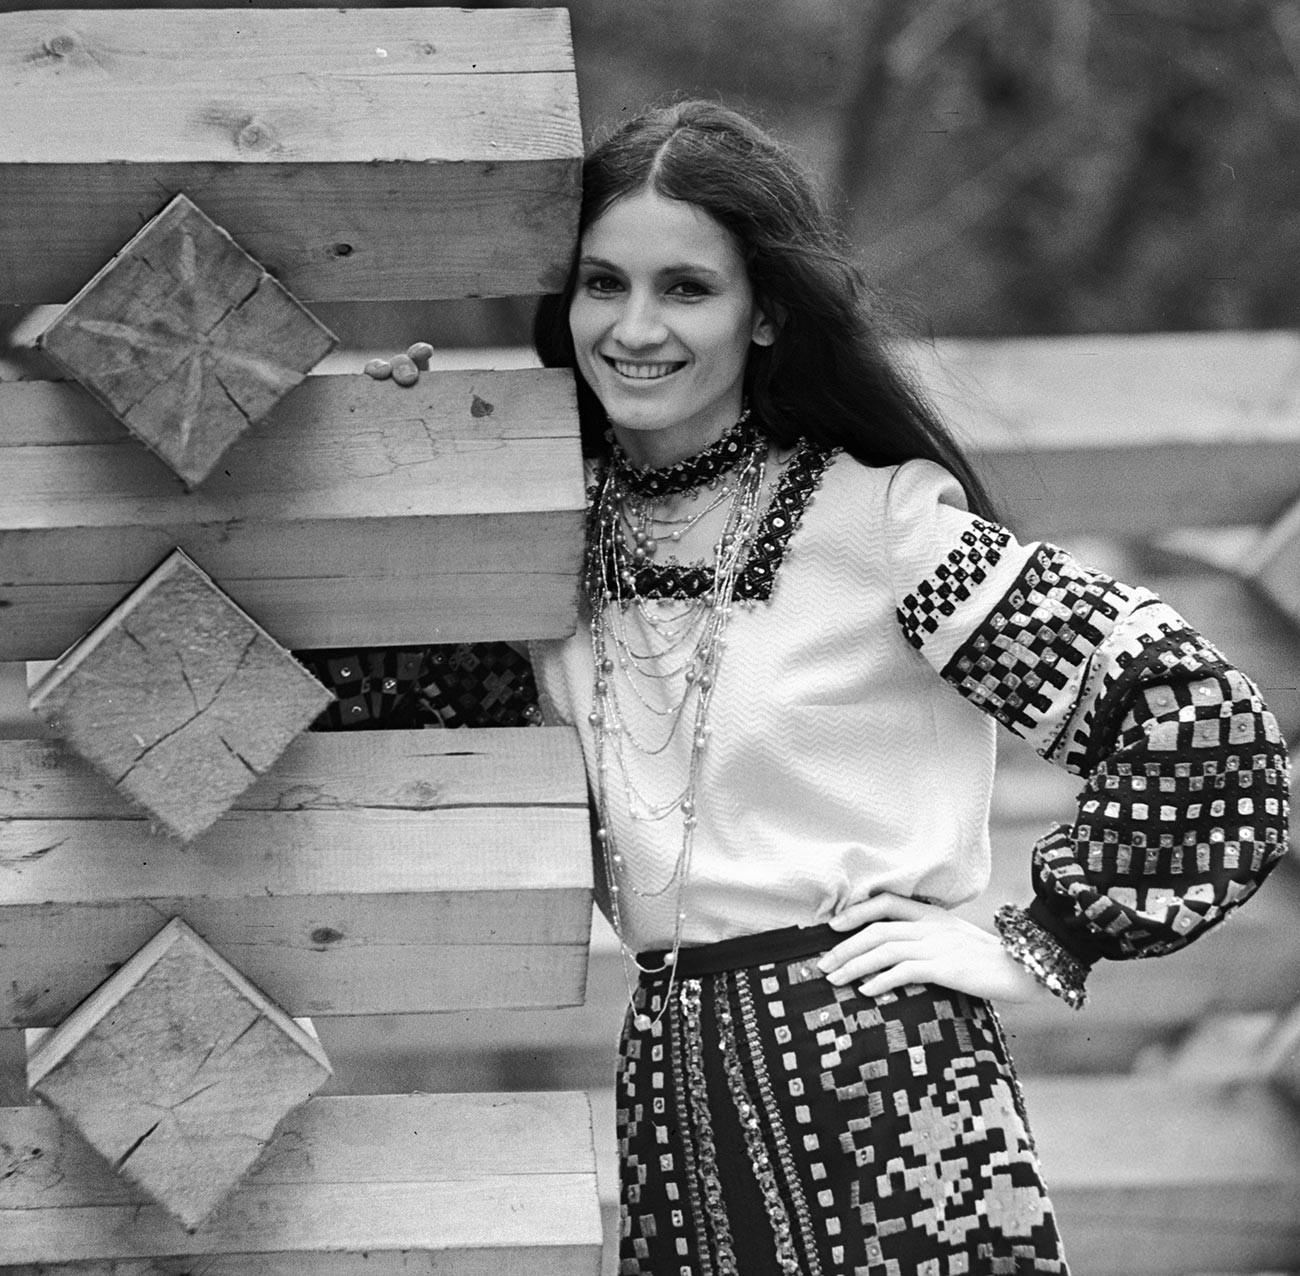 Sofia Rotaru, cantora de origem moldava famosa em toda a URSS (e ainda hoje popular), 1974